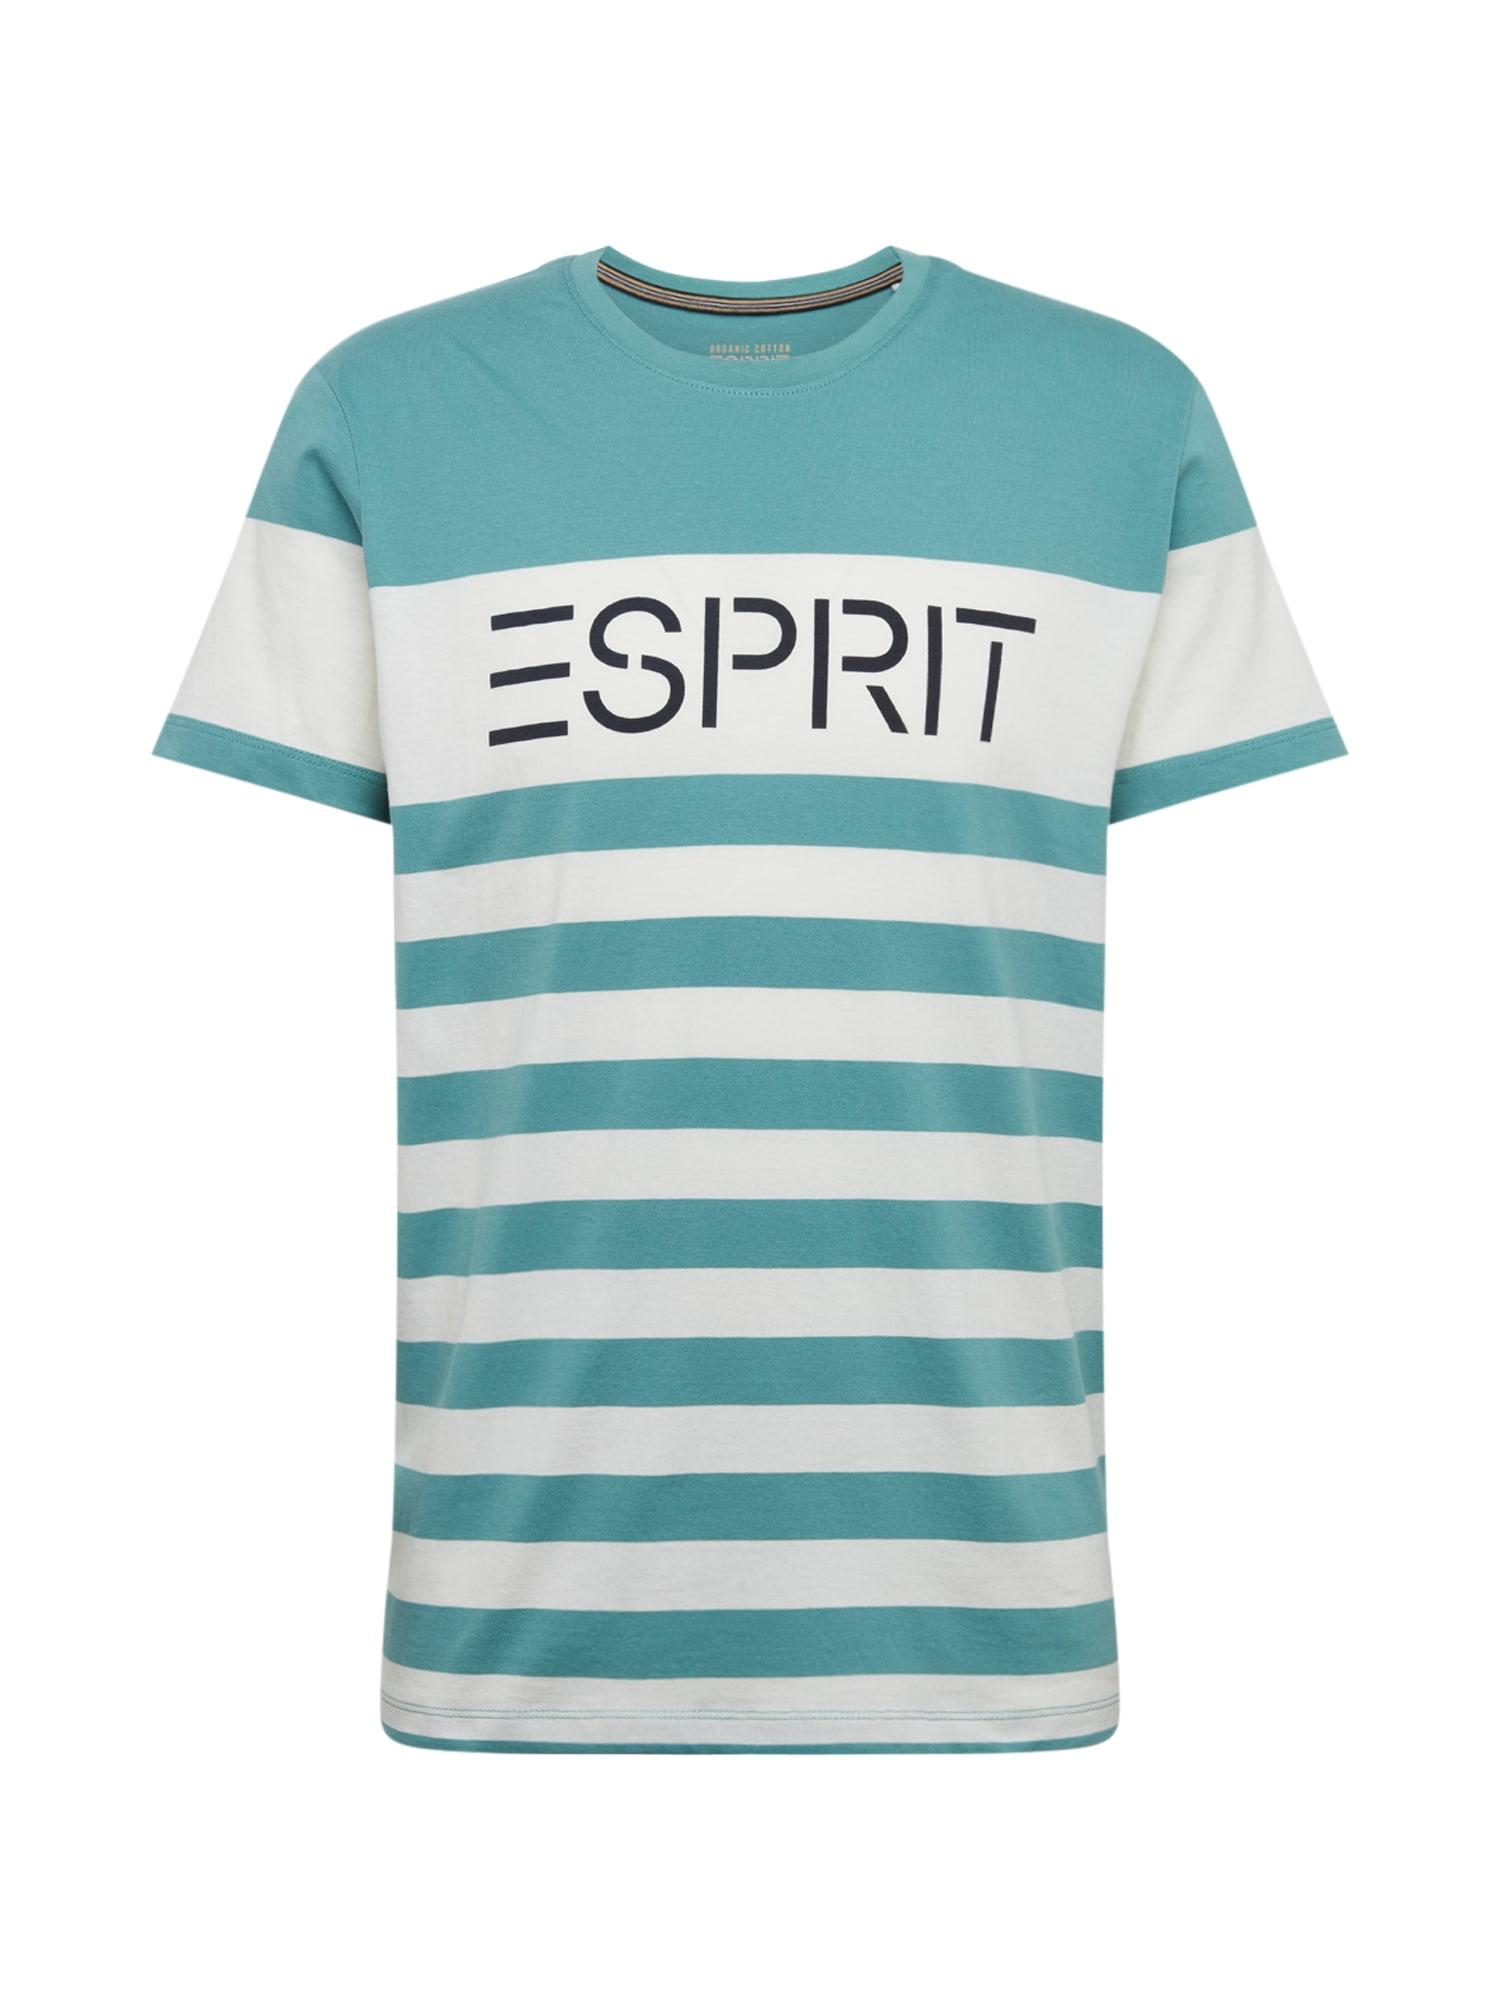 ESPRIT Marškinėliai vandens spalva / balta